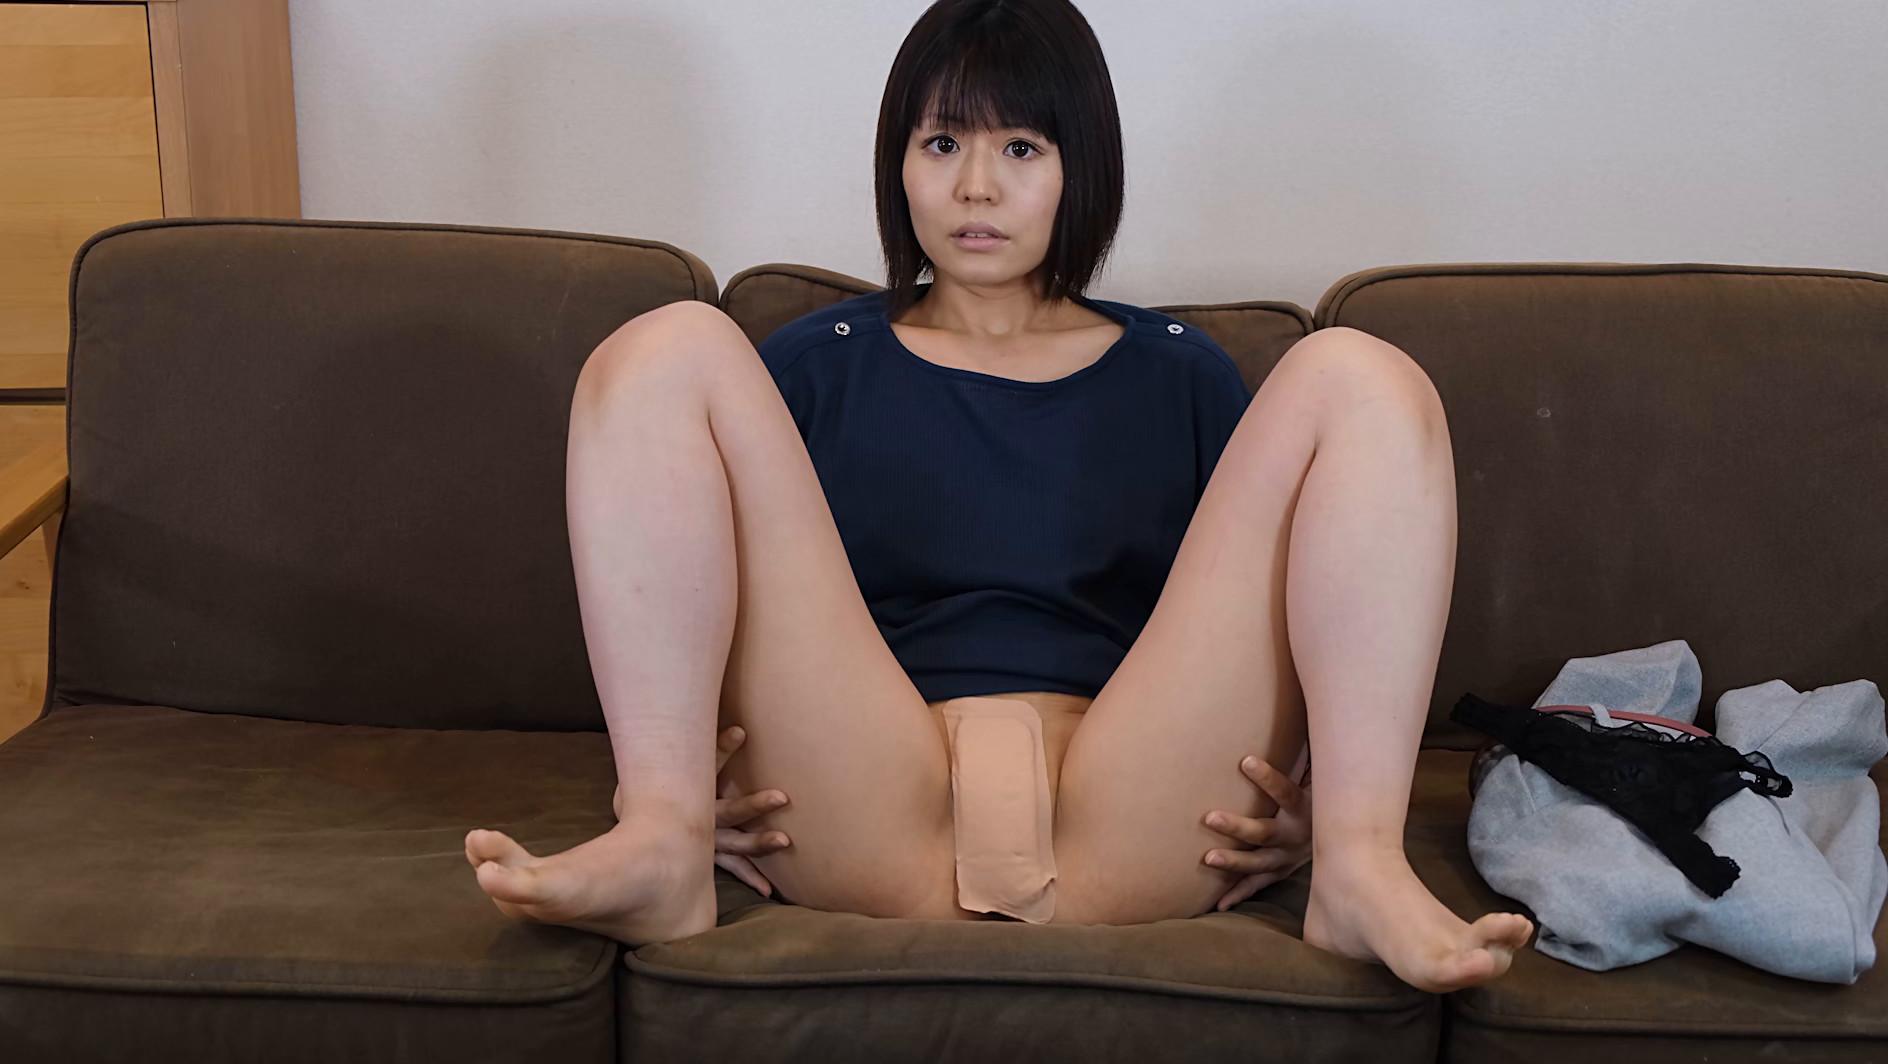 アナルを見せるのはイイけど、オ●ンコは・・・嫌だから前貼りを自分で貼ってお尻の穴を見せてあげる 長谷部智美 画像5